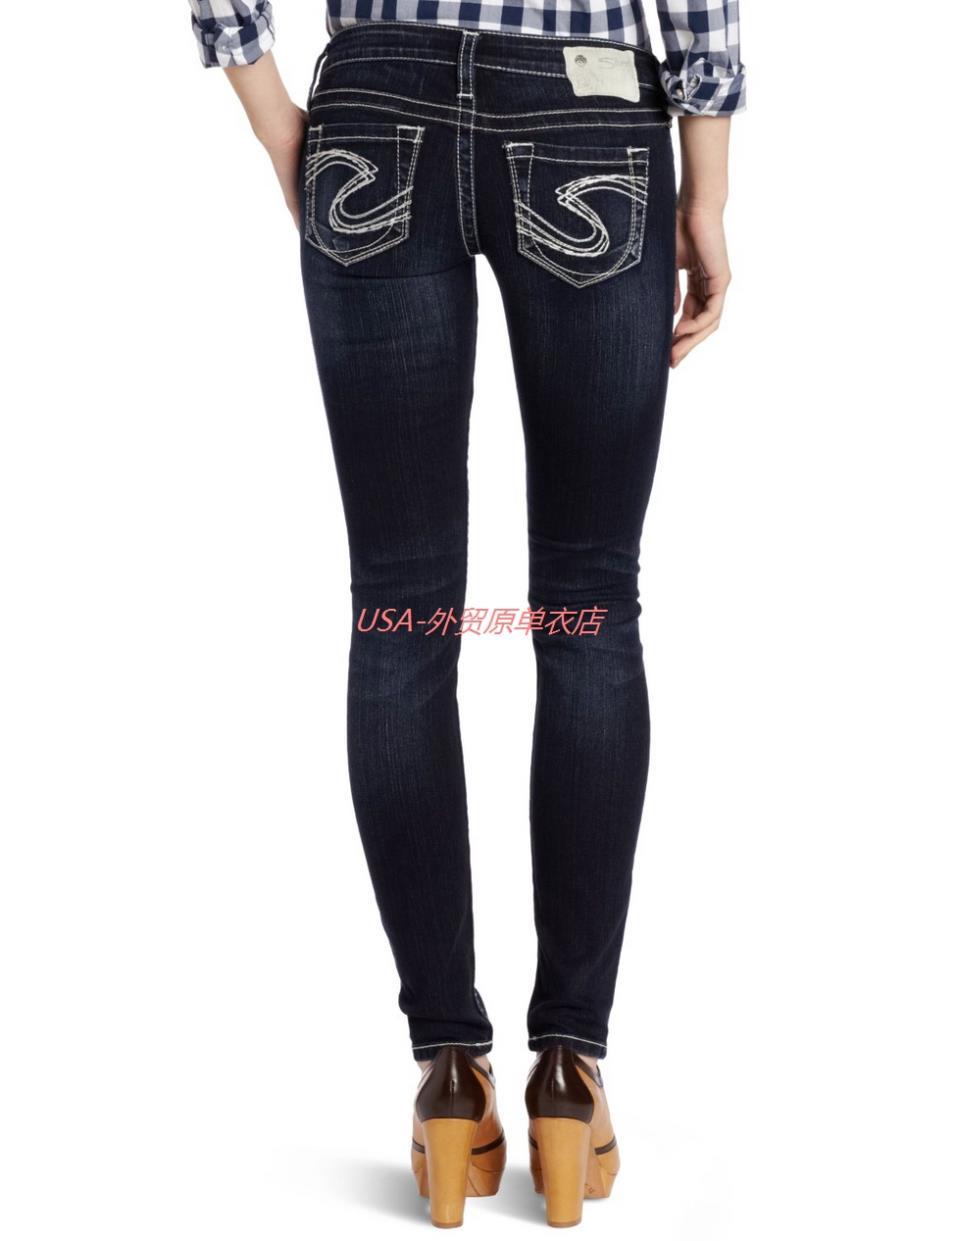 Designer Skinny Jeans Womens